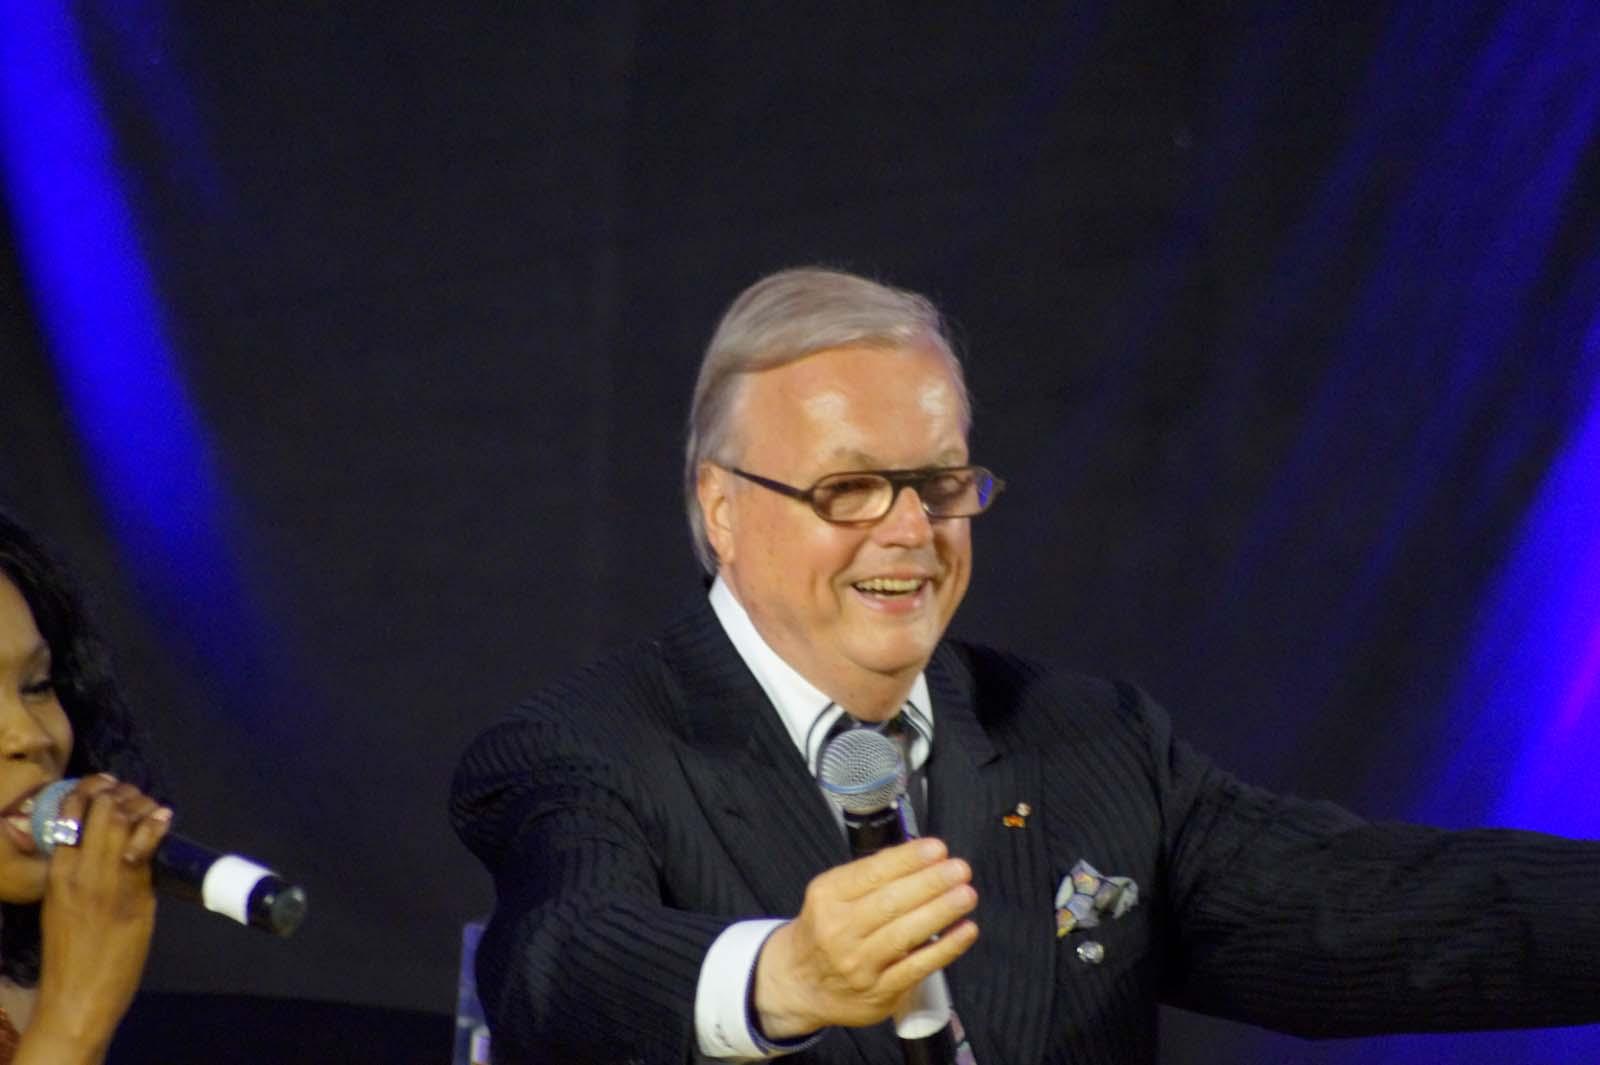 Gründer der Unicef Musikgala Filzmoos Heribert Klein